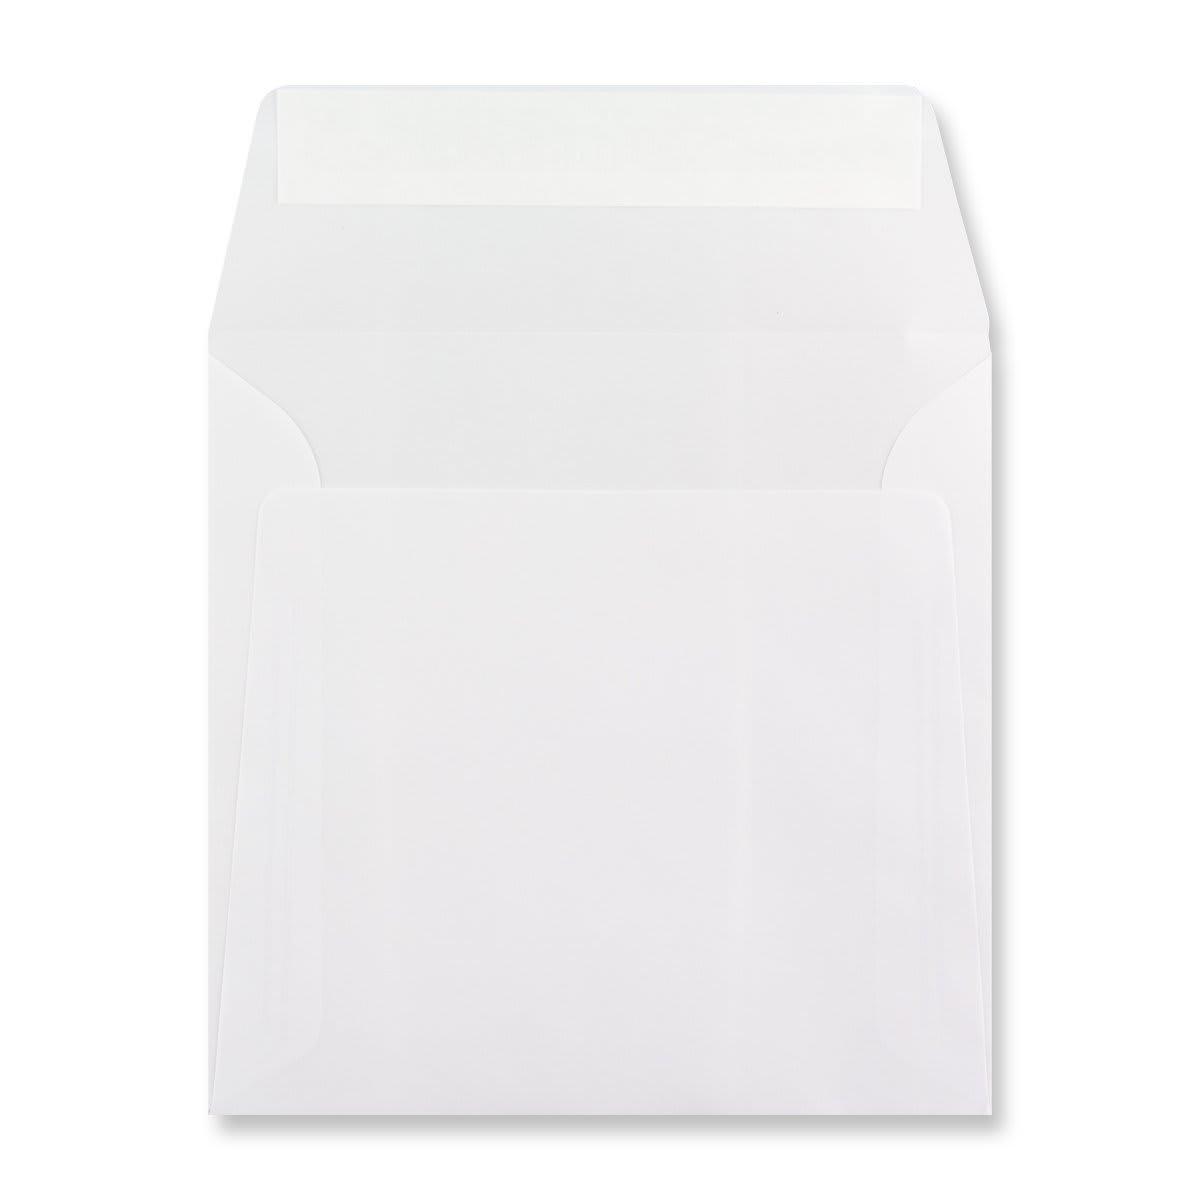 125 x 125MM WHITE TRANSLUCENT ENVELOPES